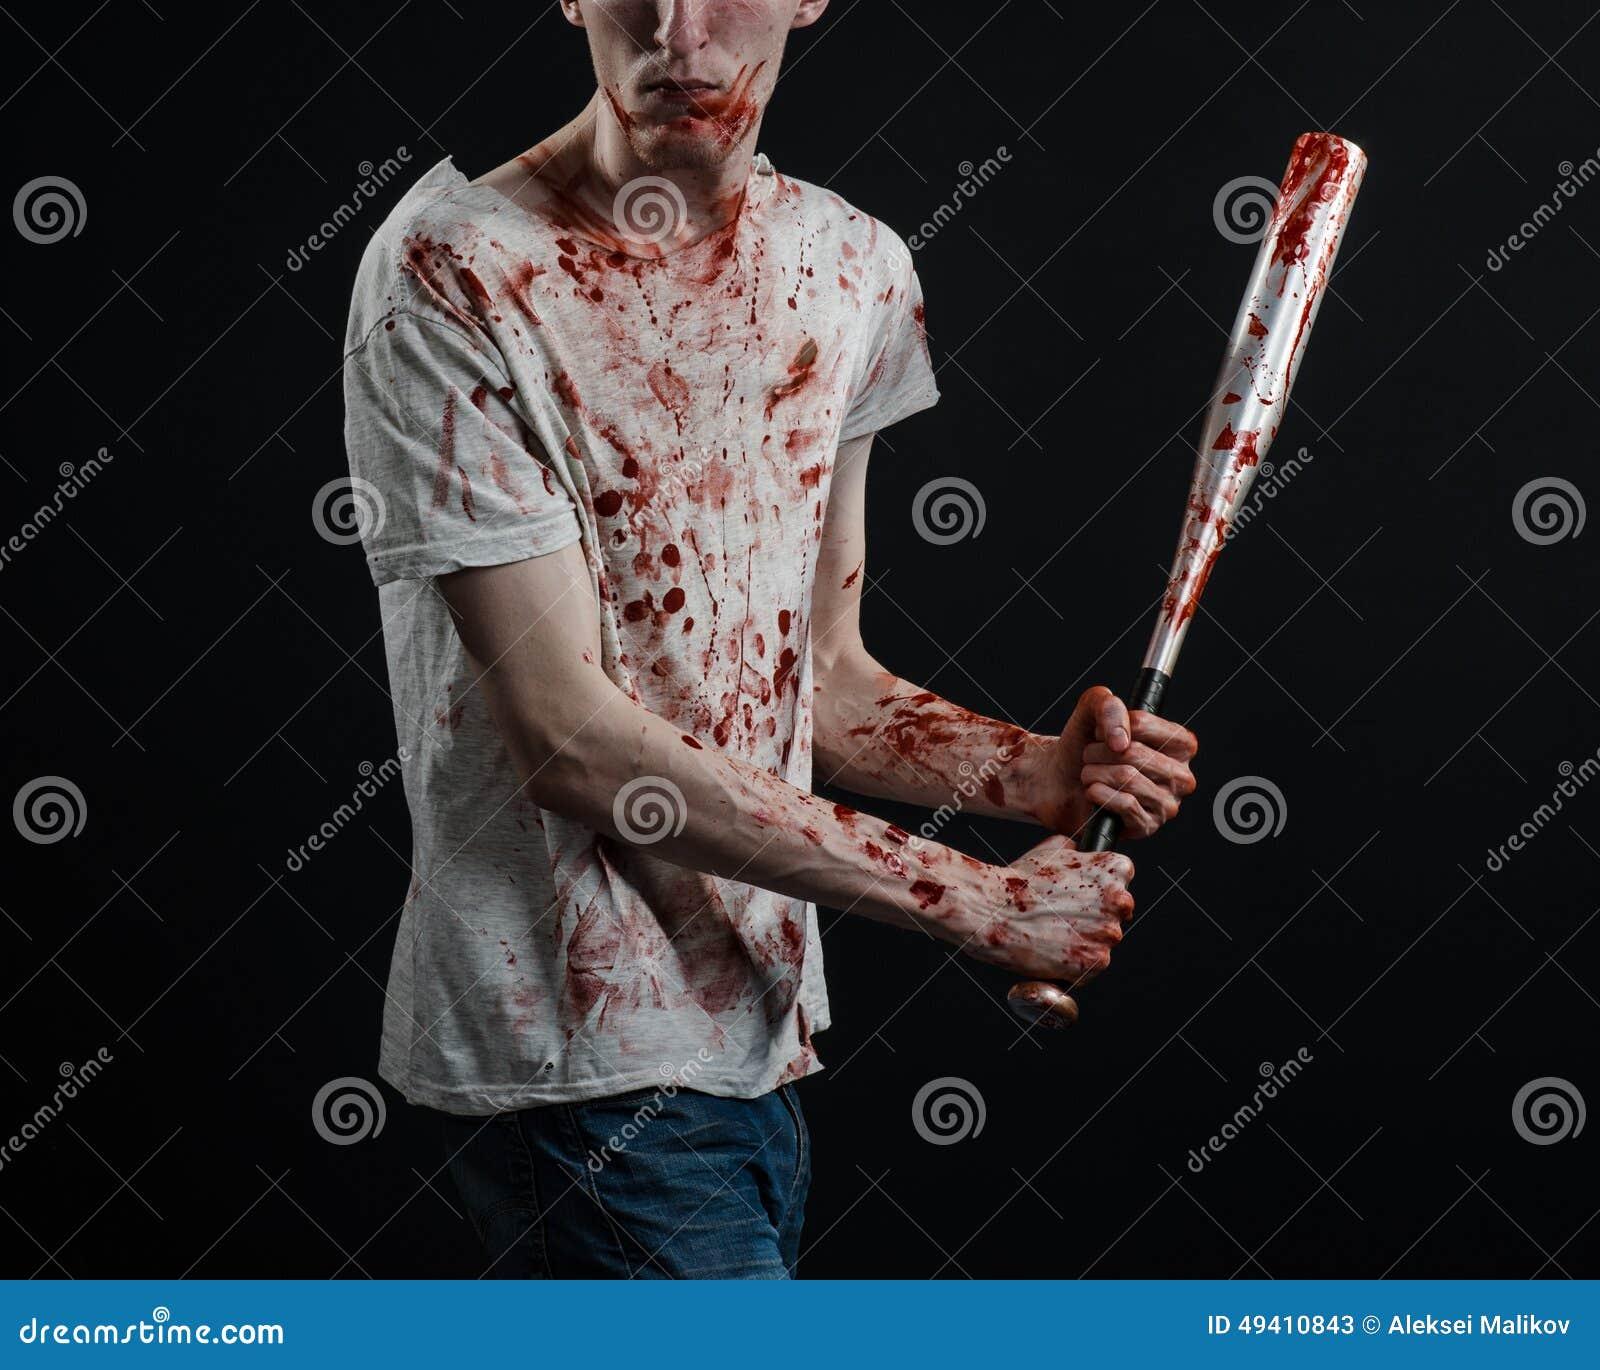 Download Blutiges Thema: Der Kerl In Einem Blutigen T-Shirt, Das Einen Blutigen Schläger Auf Einem Schwarzen Hintergrund Hält Stockbild - Bild von hand, dunkel: 49410843